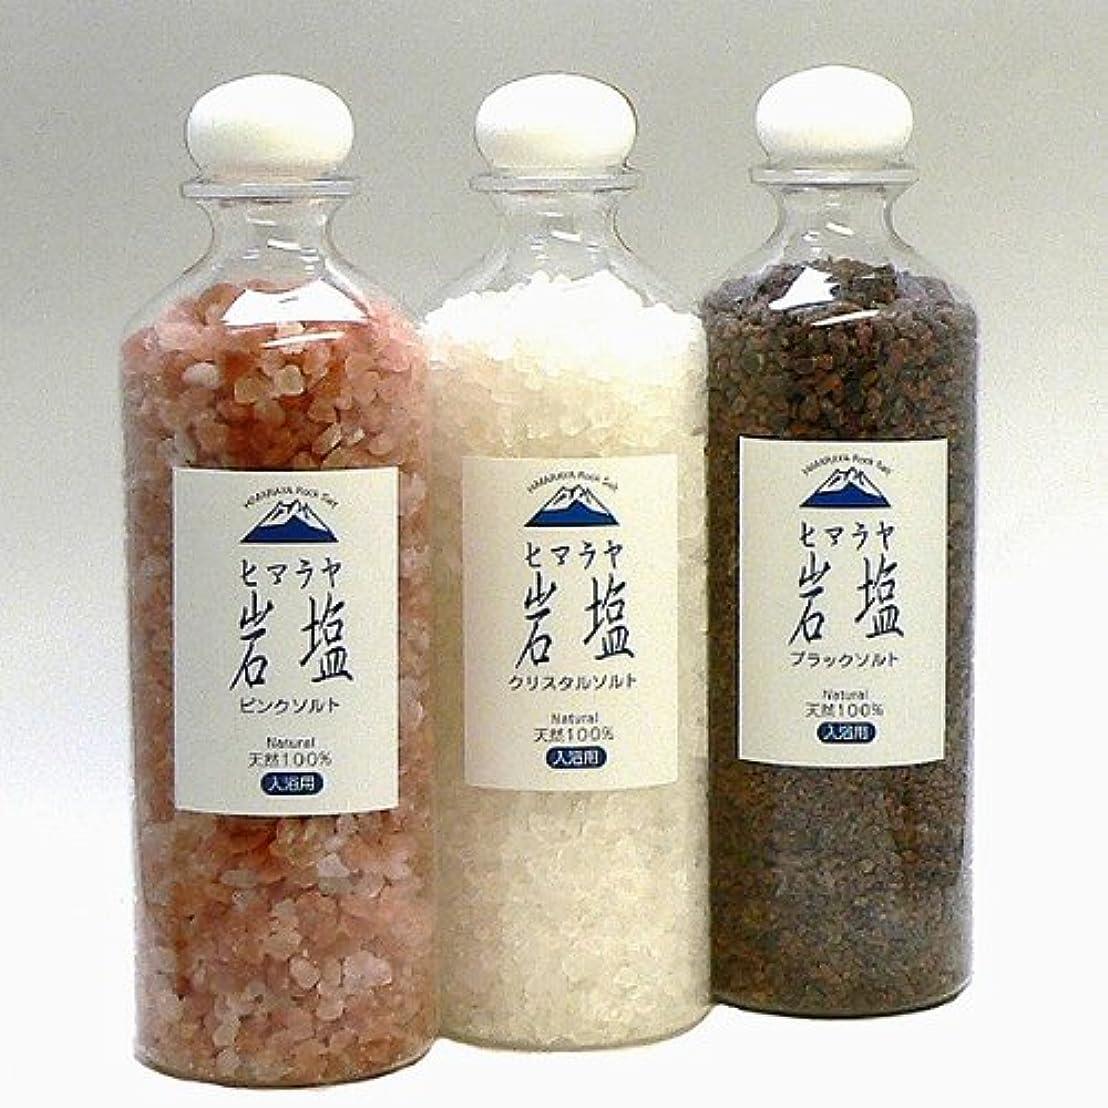 ヒマラヤ岩塩(ピンク岩塩?クリスタル岩塩?ブラック岩塩)入浴用(小粒)ボトル入りセット